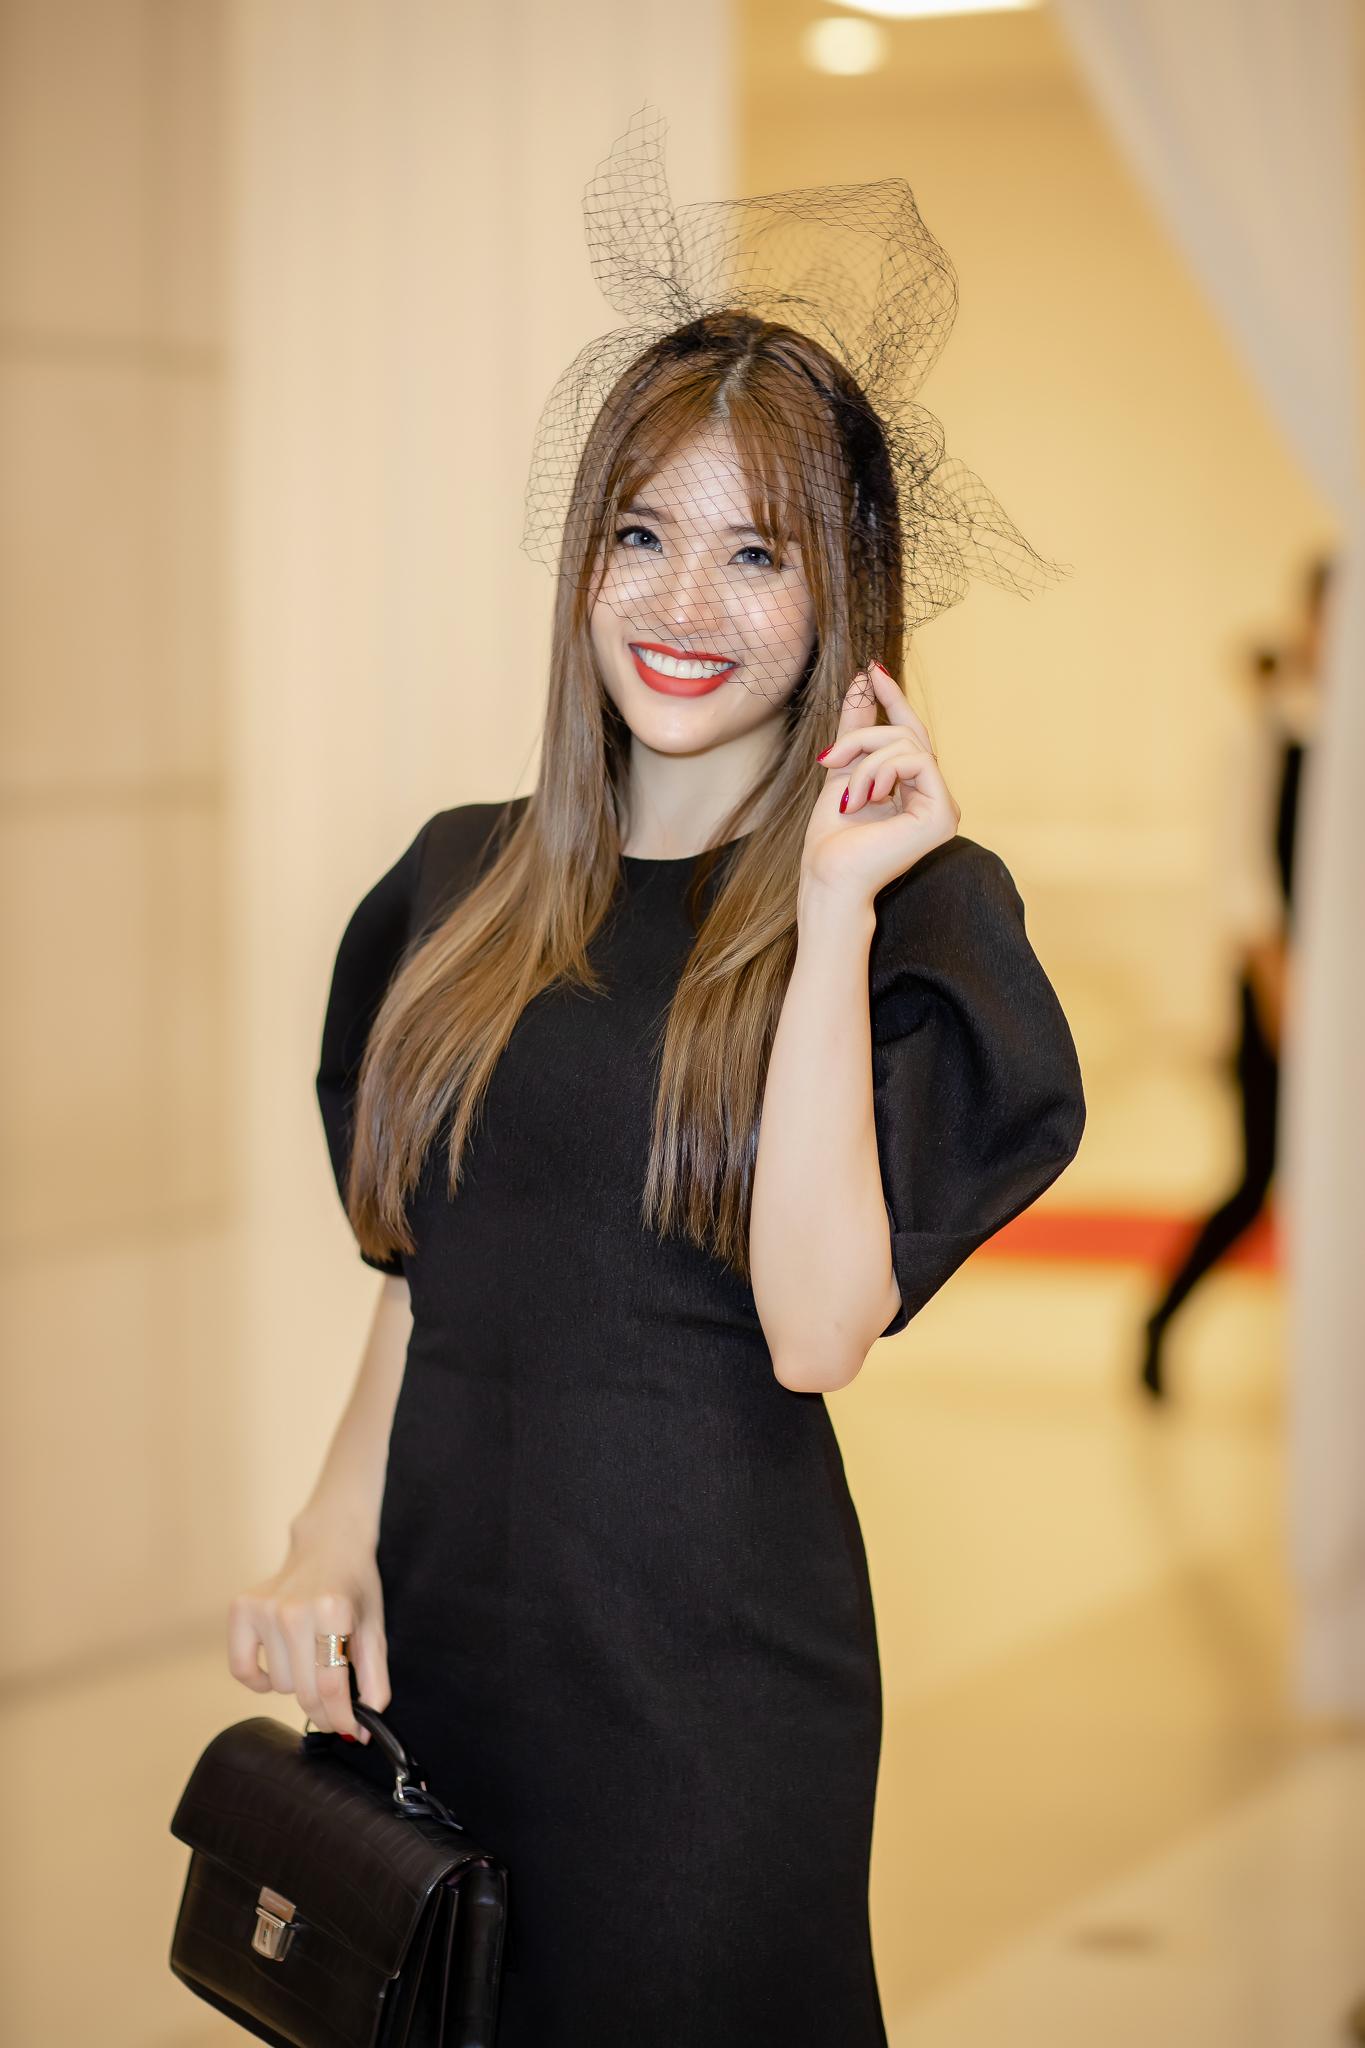 2 nàng Hoa hậu đọ quyến rũ: Jolie Nguyễn nửa kín nửa hở, Phan Hoàng Thu ma mị - Hình 8